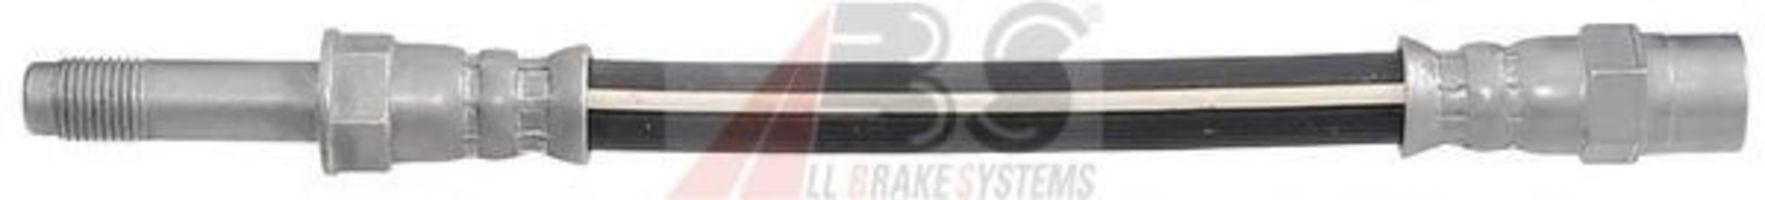 Шланг тормозной A.B.S. SL 4874